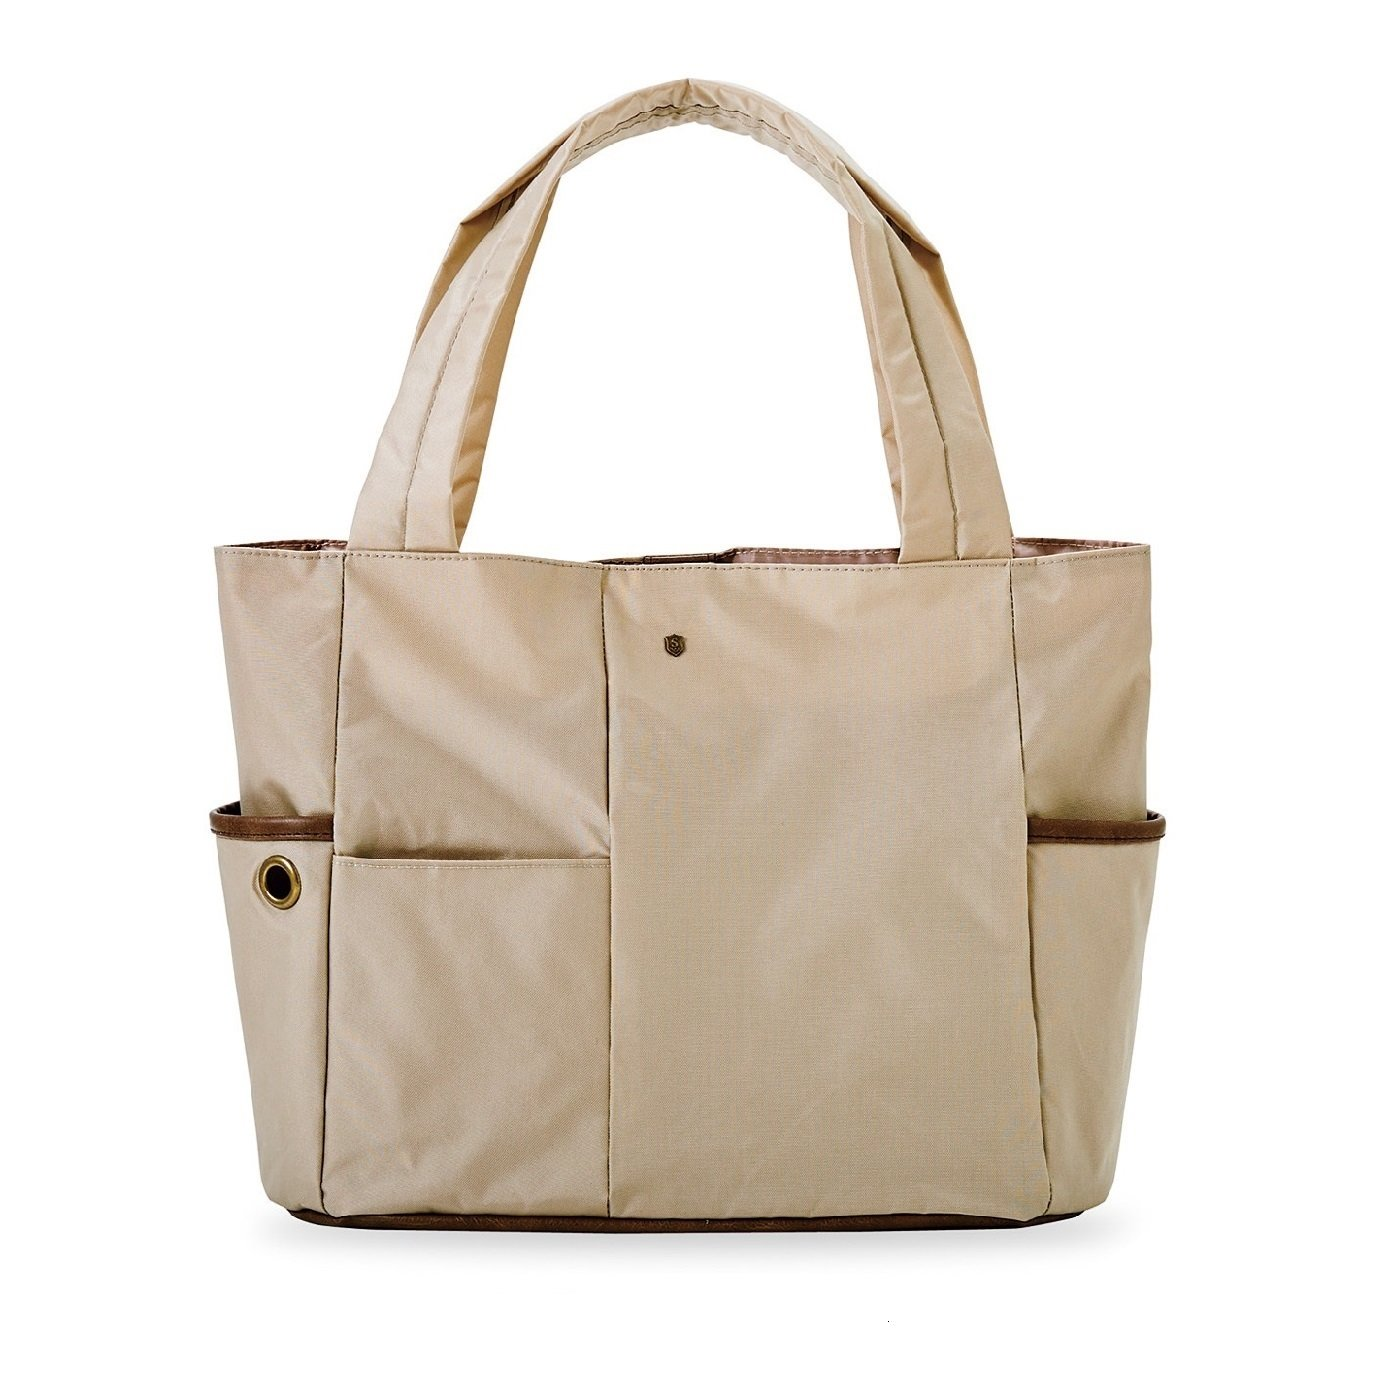 エッセイスト・整理収納アドバイザー 柳沢小実さんと作った お弁当派さんにうれしい 大容量の保冷ポケット付き整理整とん軽量トートバッグ